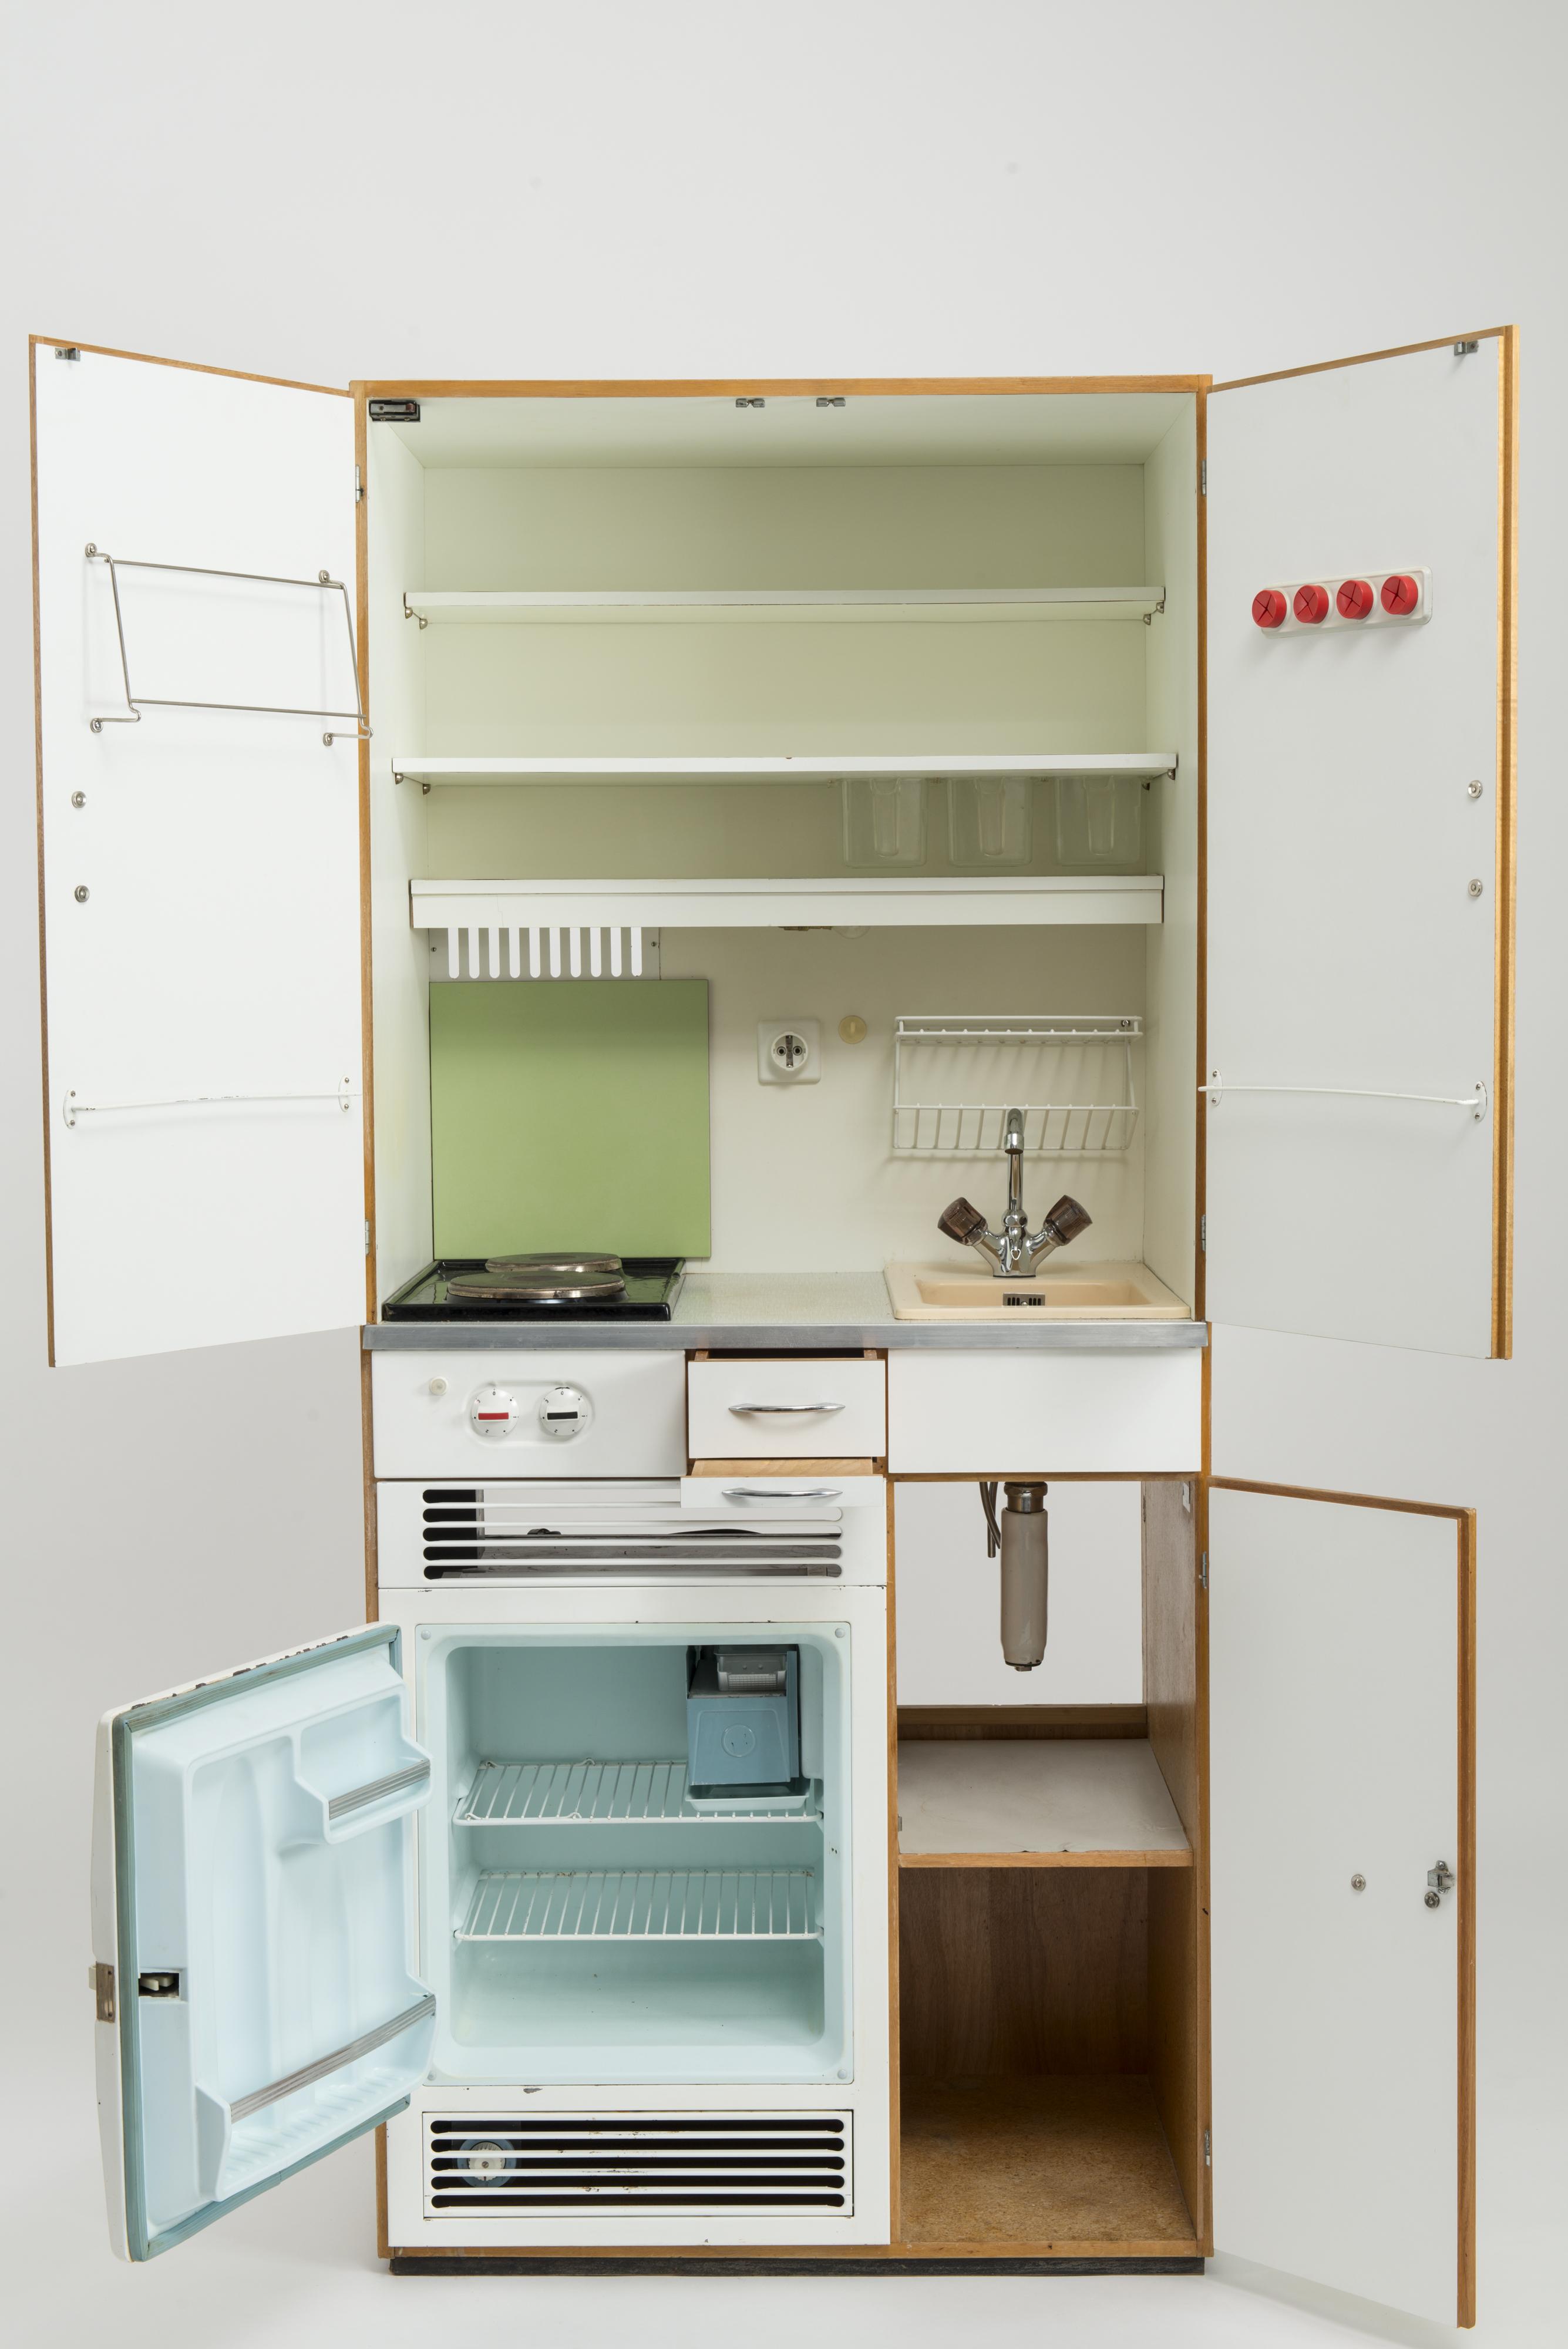 Hofmobiliendepot | Küchen • Möbel - Design und Geschichte | findART ...